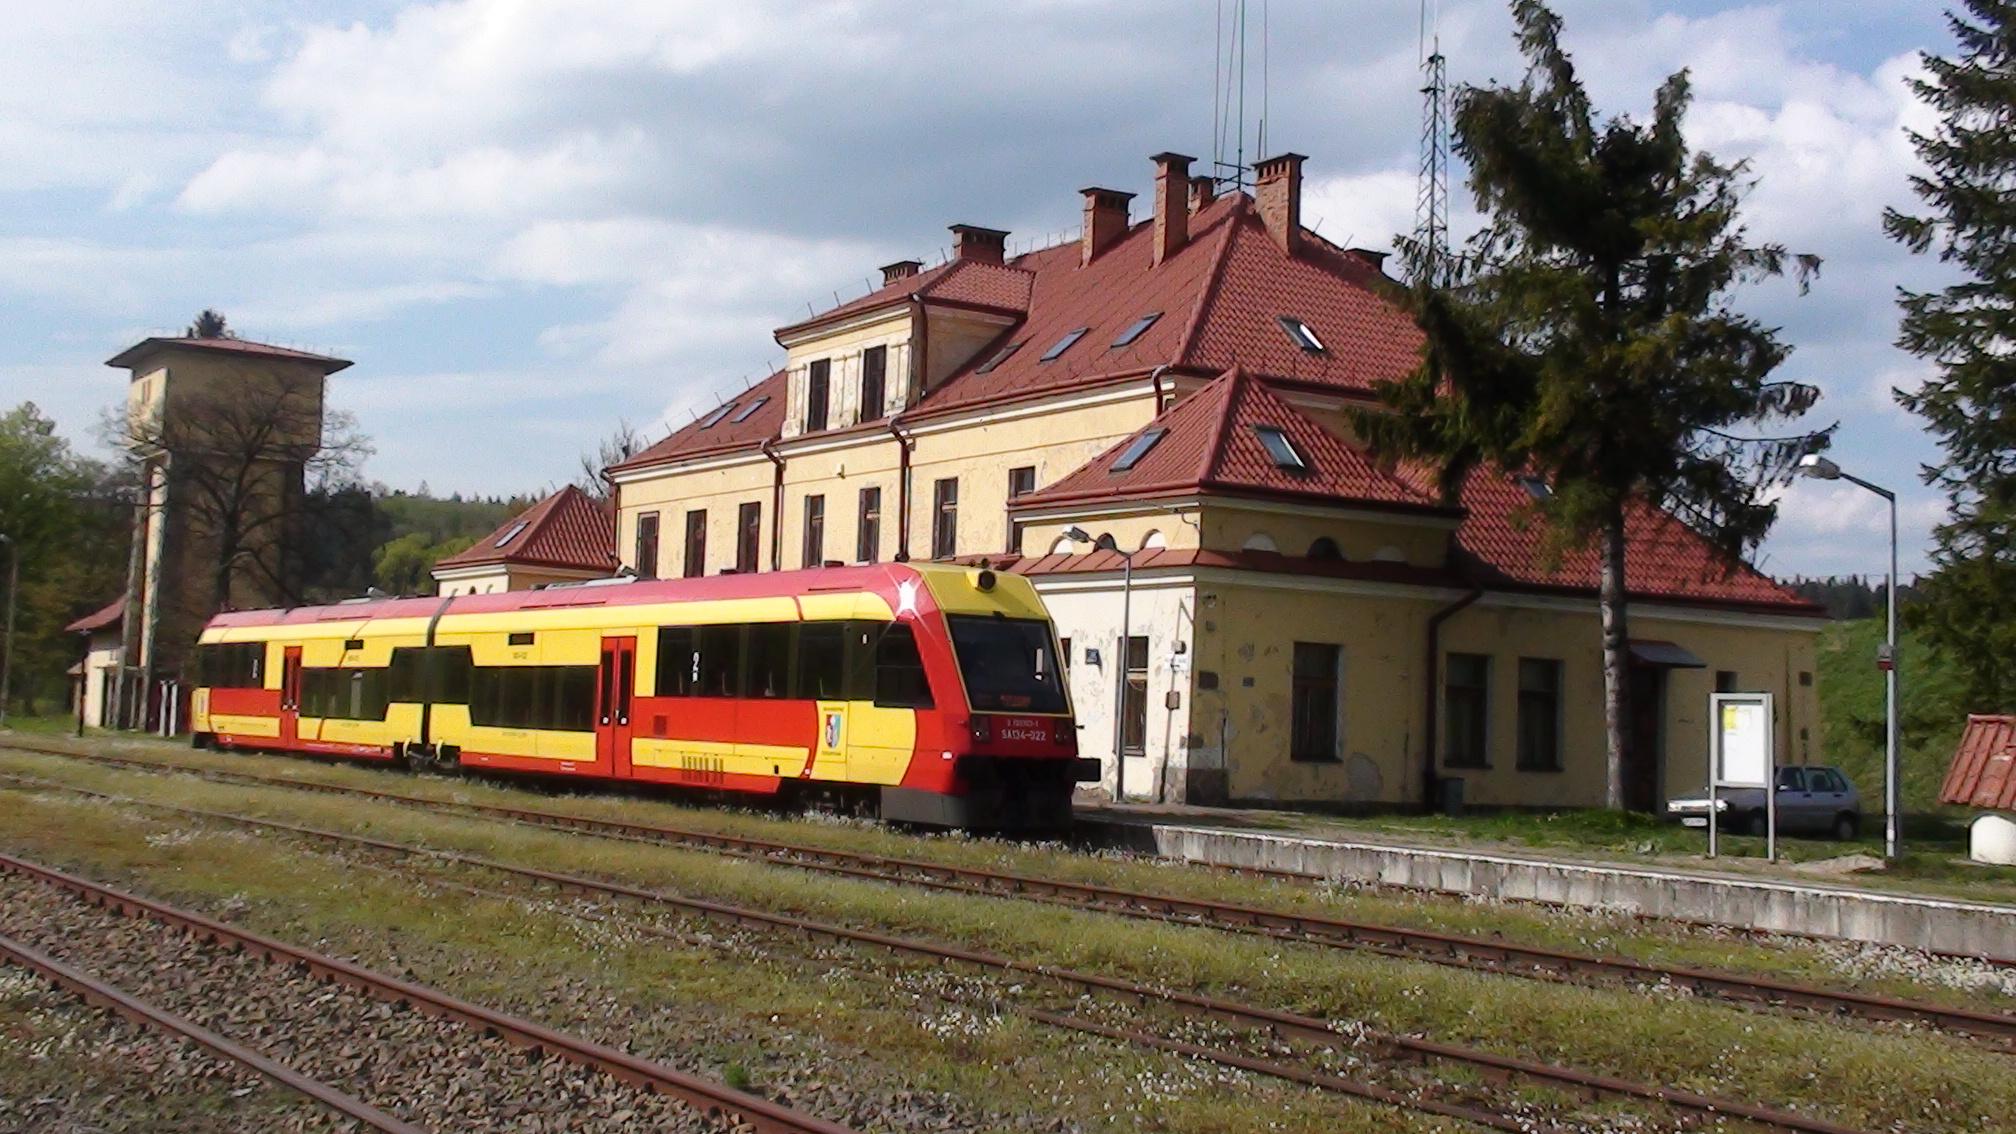 Pociąg Bieszczadzki Żaczek na stacji w Łupkowie (fot. Jerzy Zuba)